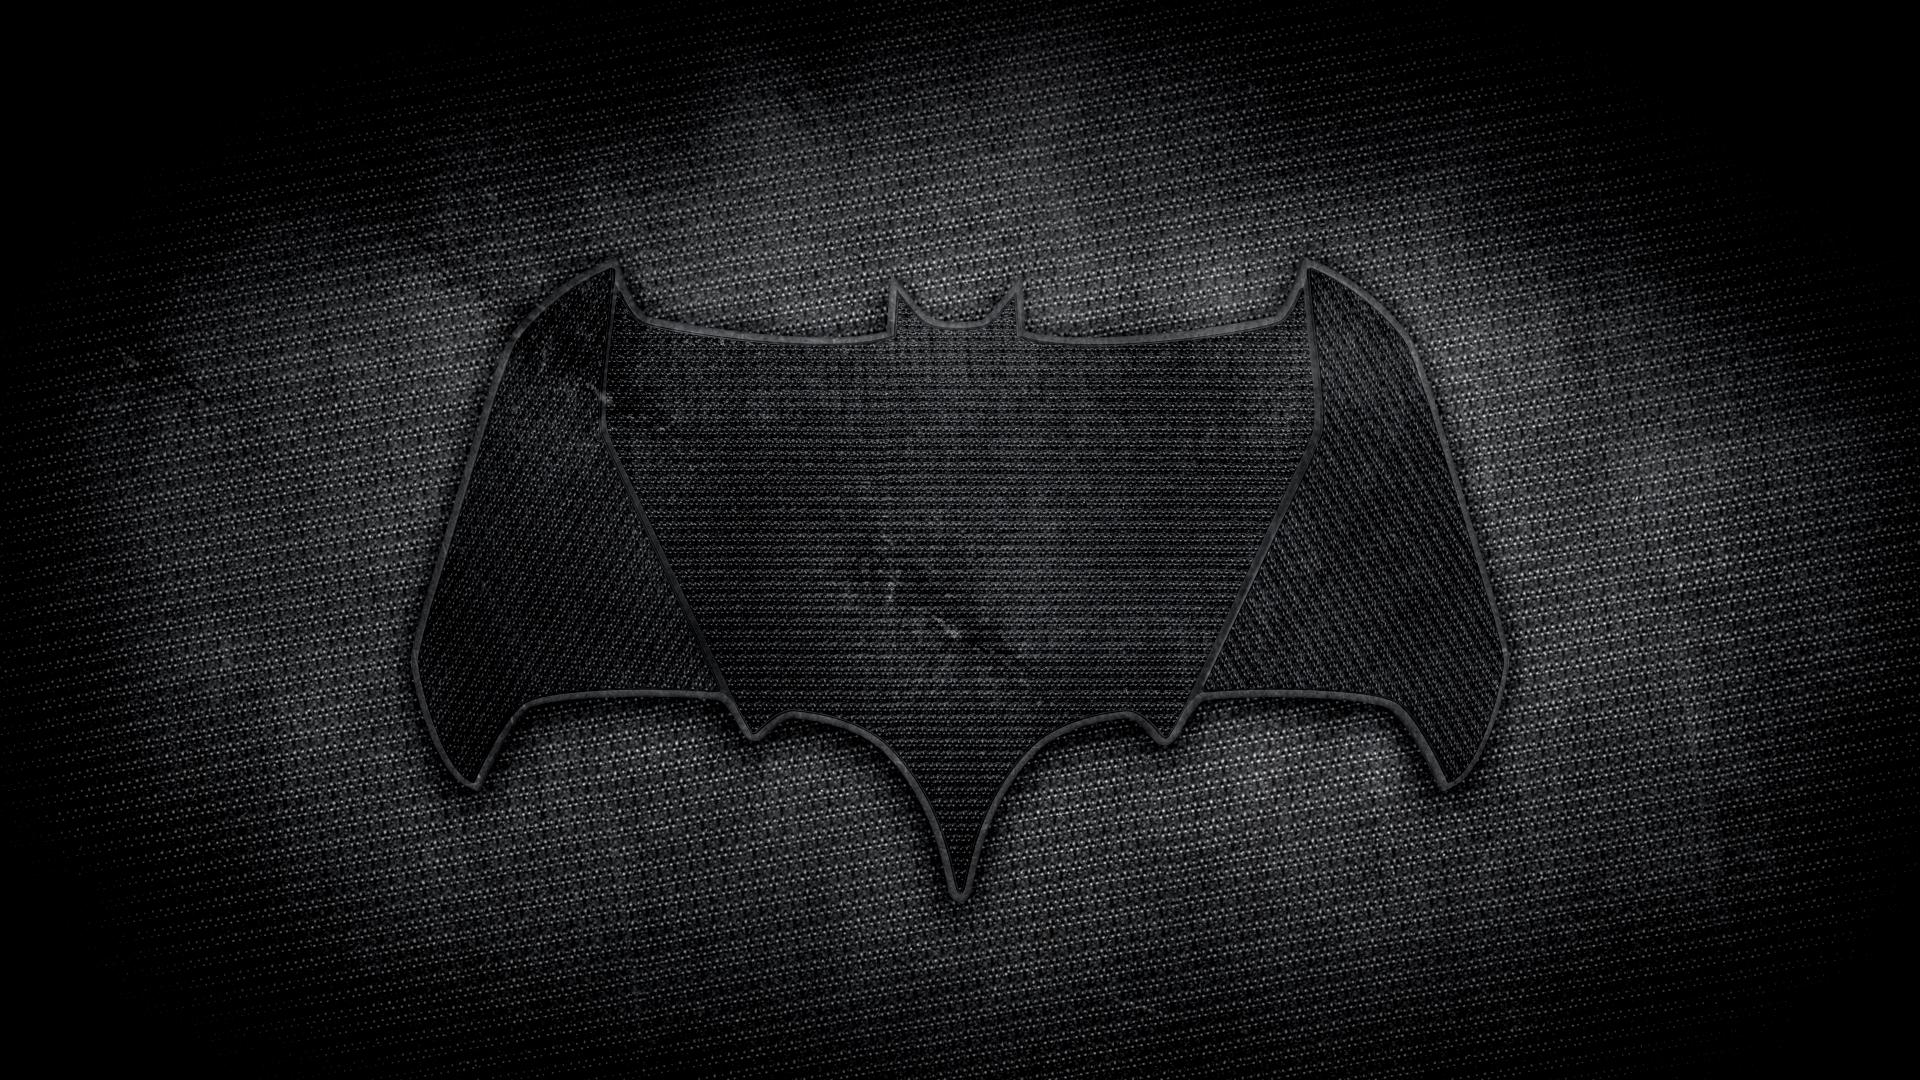 Batman Batman Symbol 1920x1080